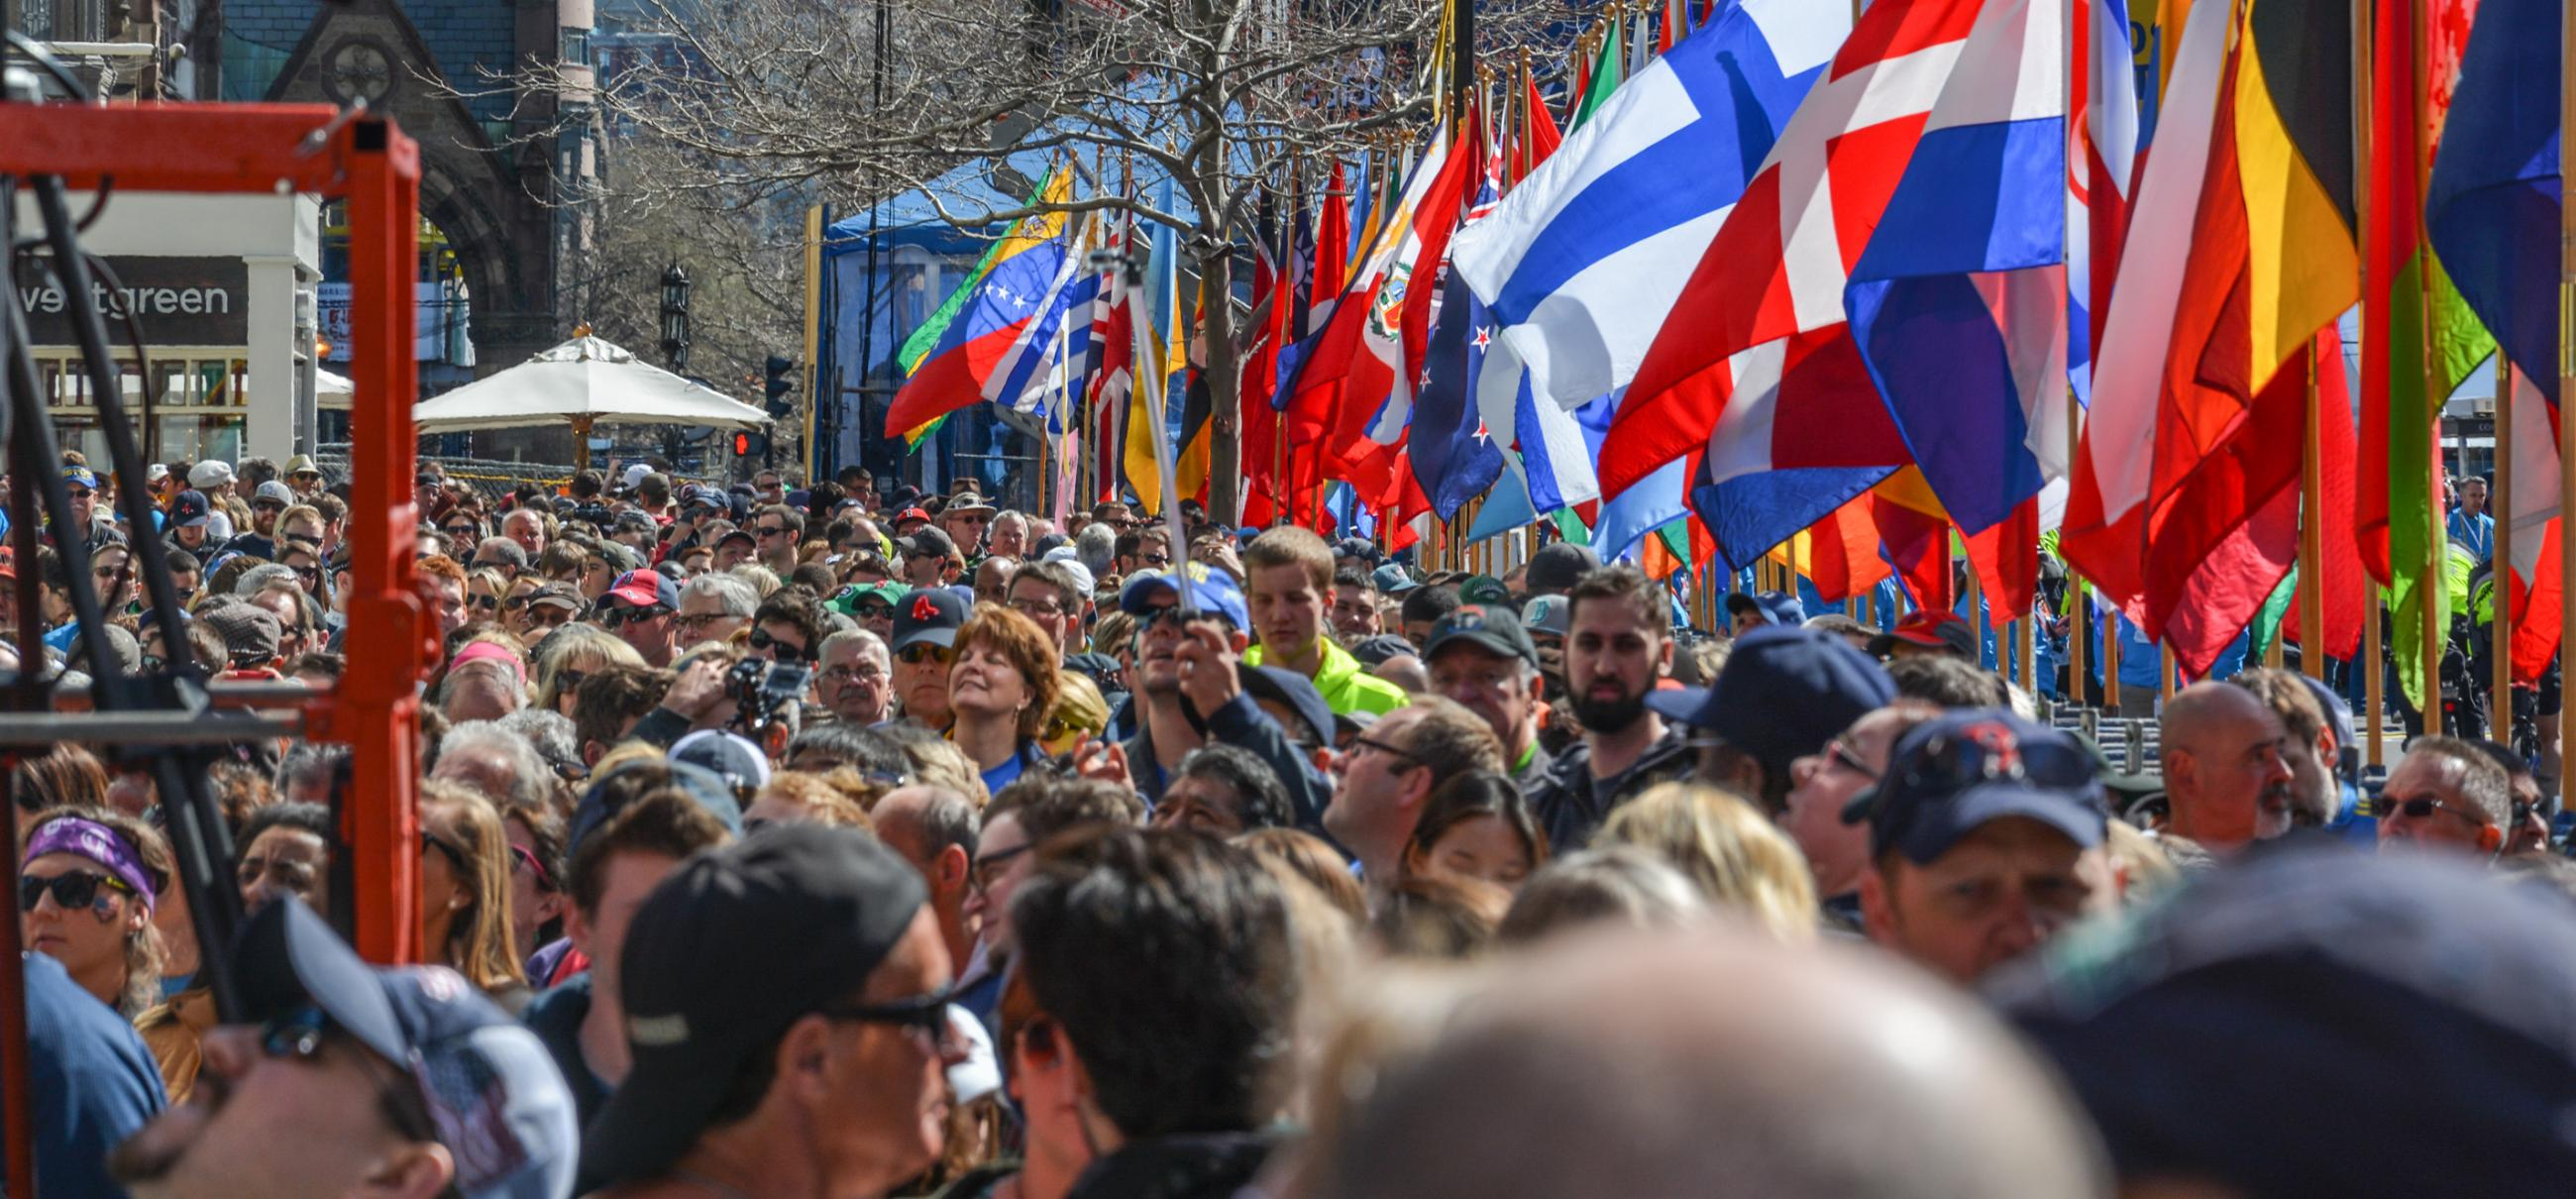 Marathon spectators